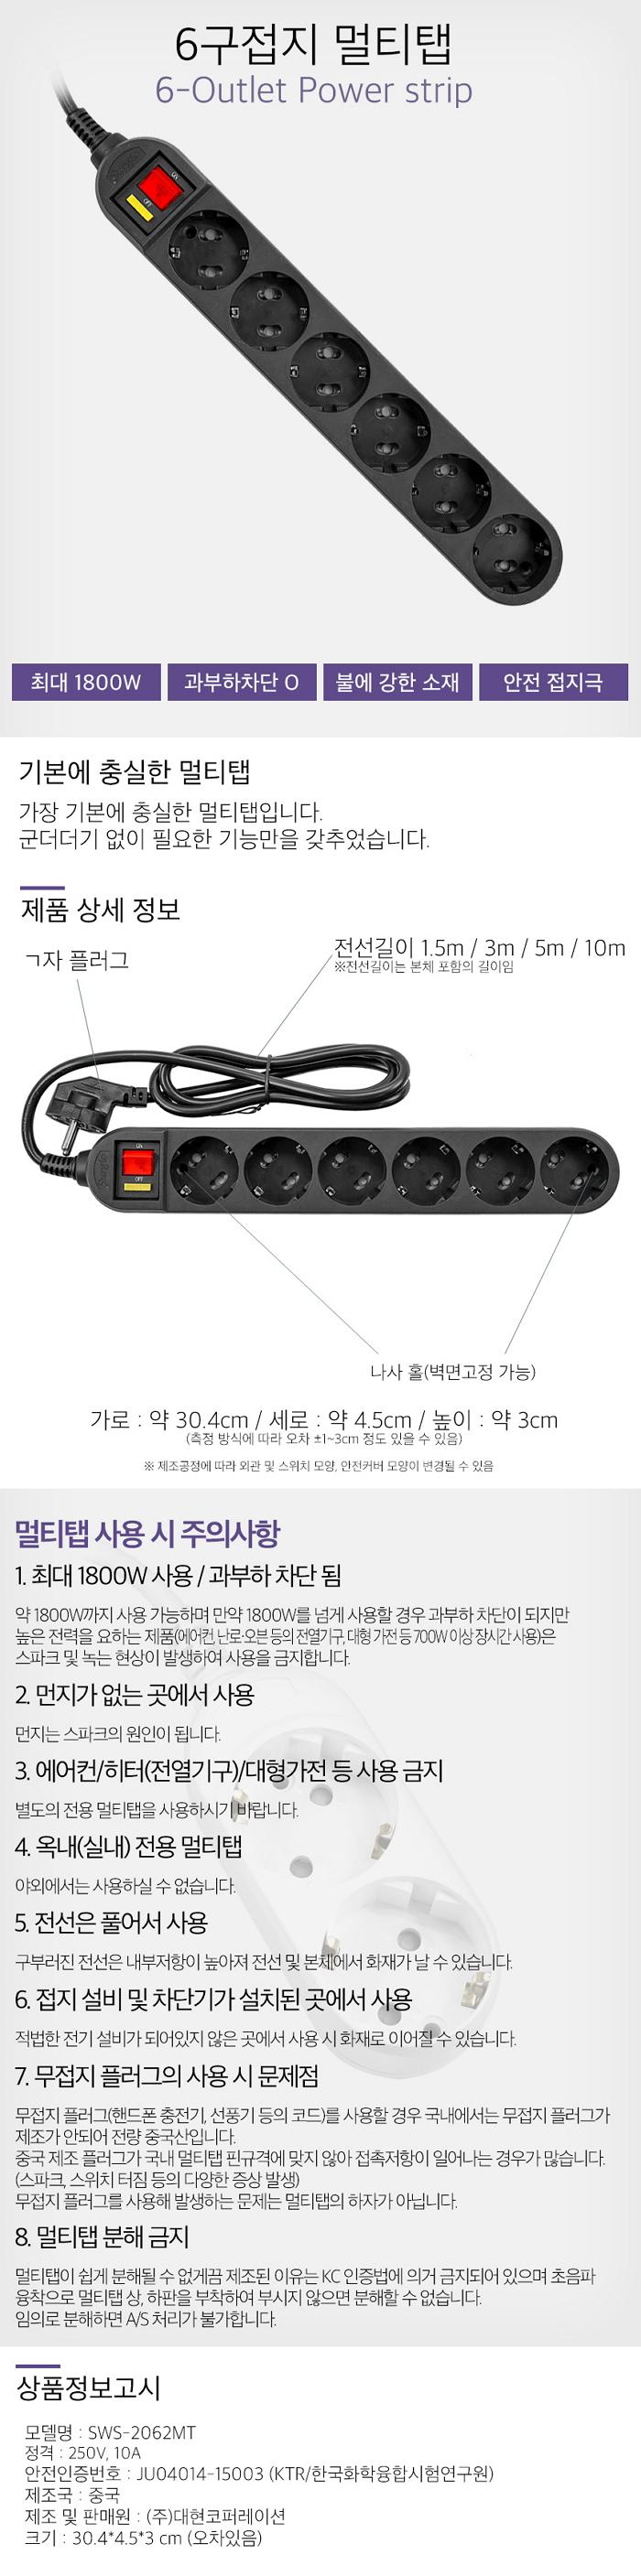 대현코퍼레이션 써지오 6구 10A 블랙 멀티탭(5m)